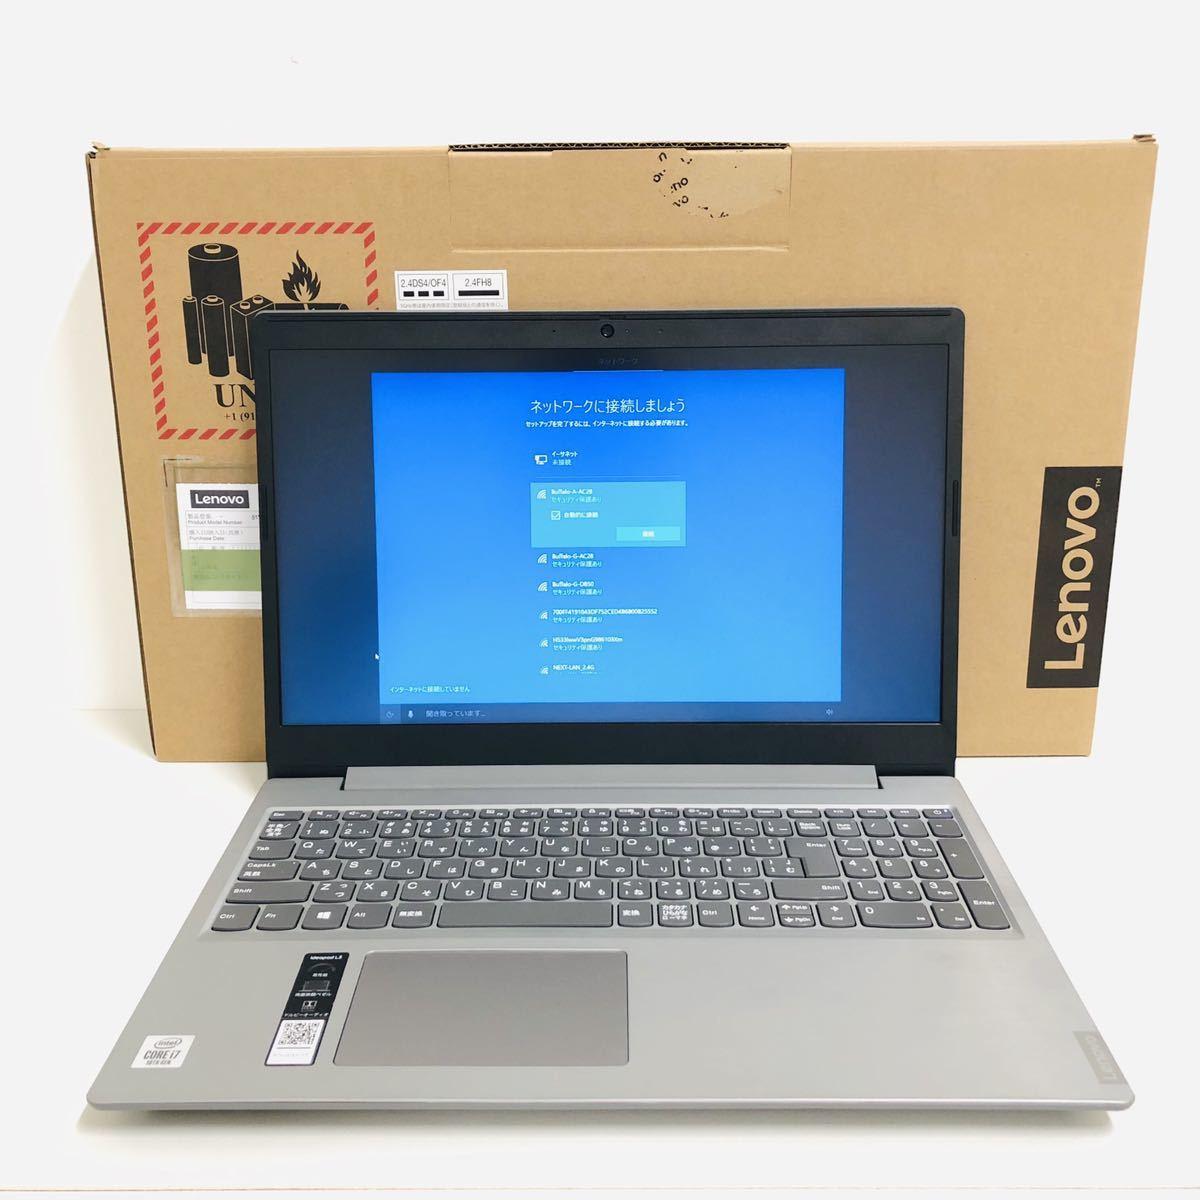 新品同様 美品 Lenovo IdeaPad L350 15.6 81Y300HCJP Core i7-10510U 1.8Ghz 8GB HDD 1TB Windows10 Home 保証あり 延長保証付 i4165_画像1